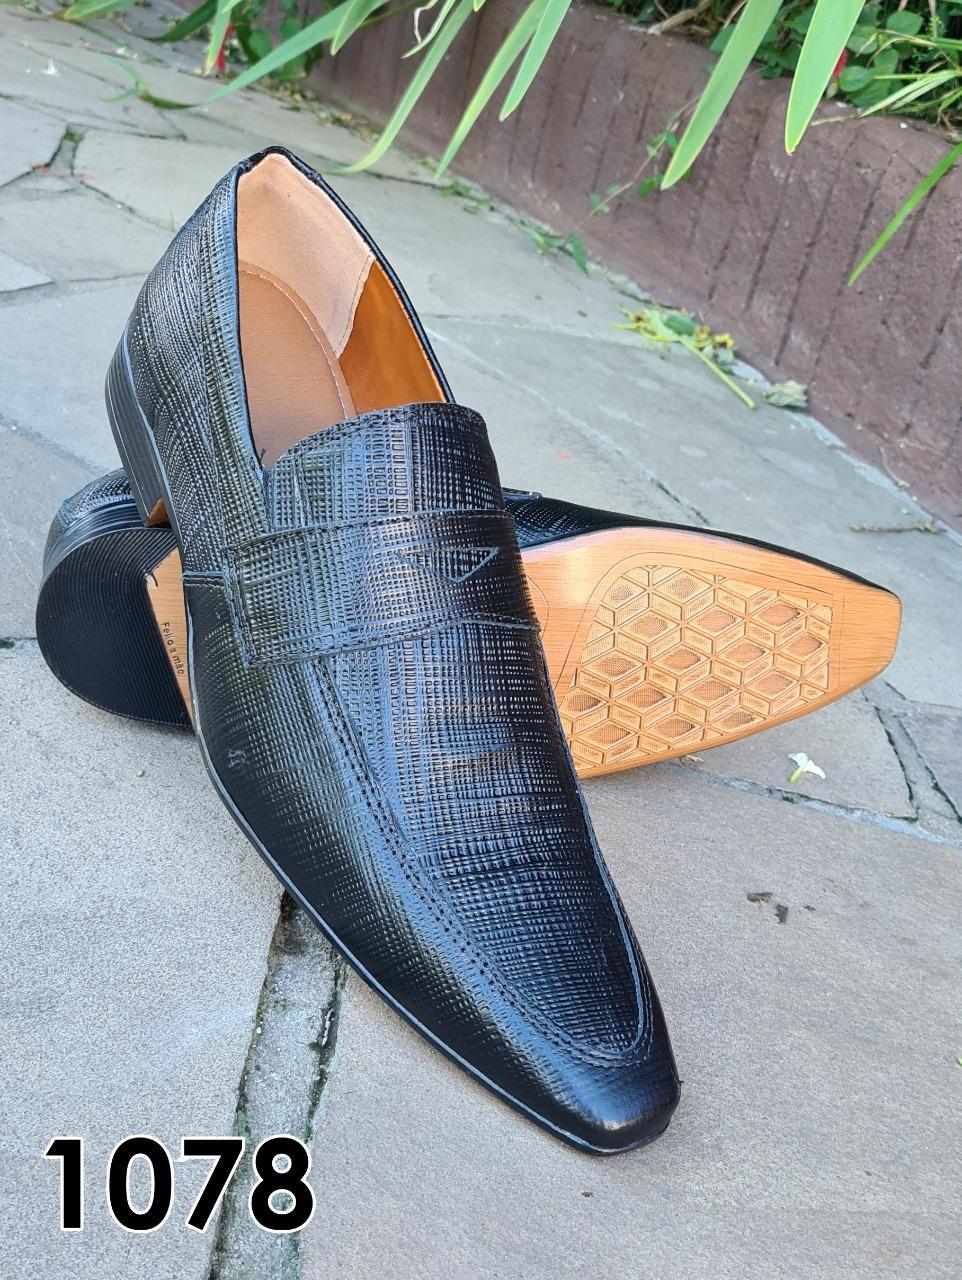 Loafers sociais sem cadarço em couro preto